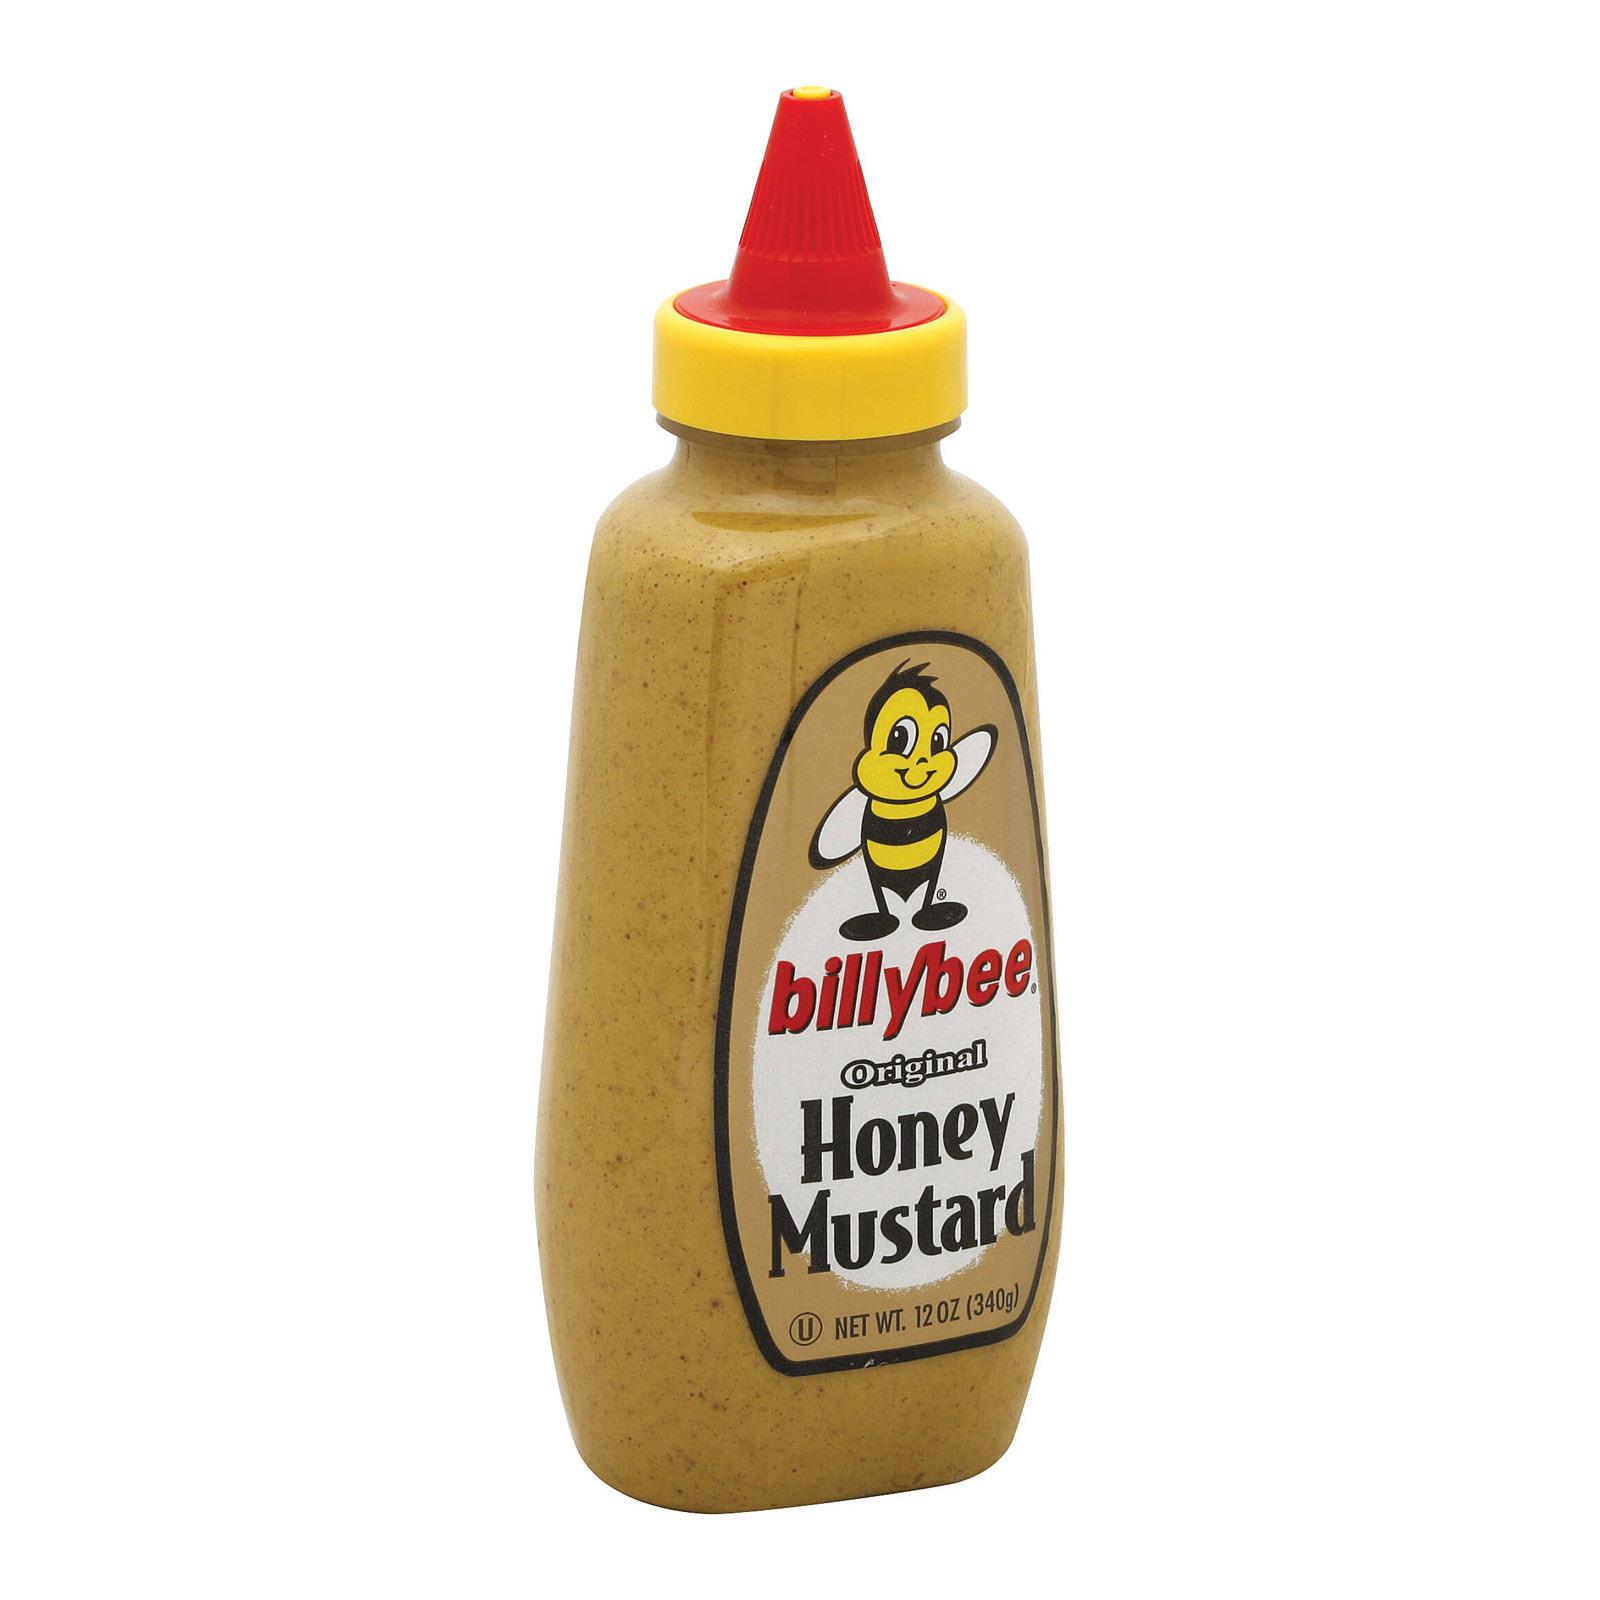 Billy Bee Mustard - Honey Mustard - 12 oz.